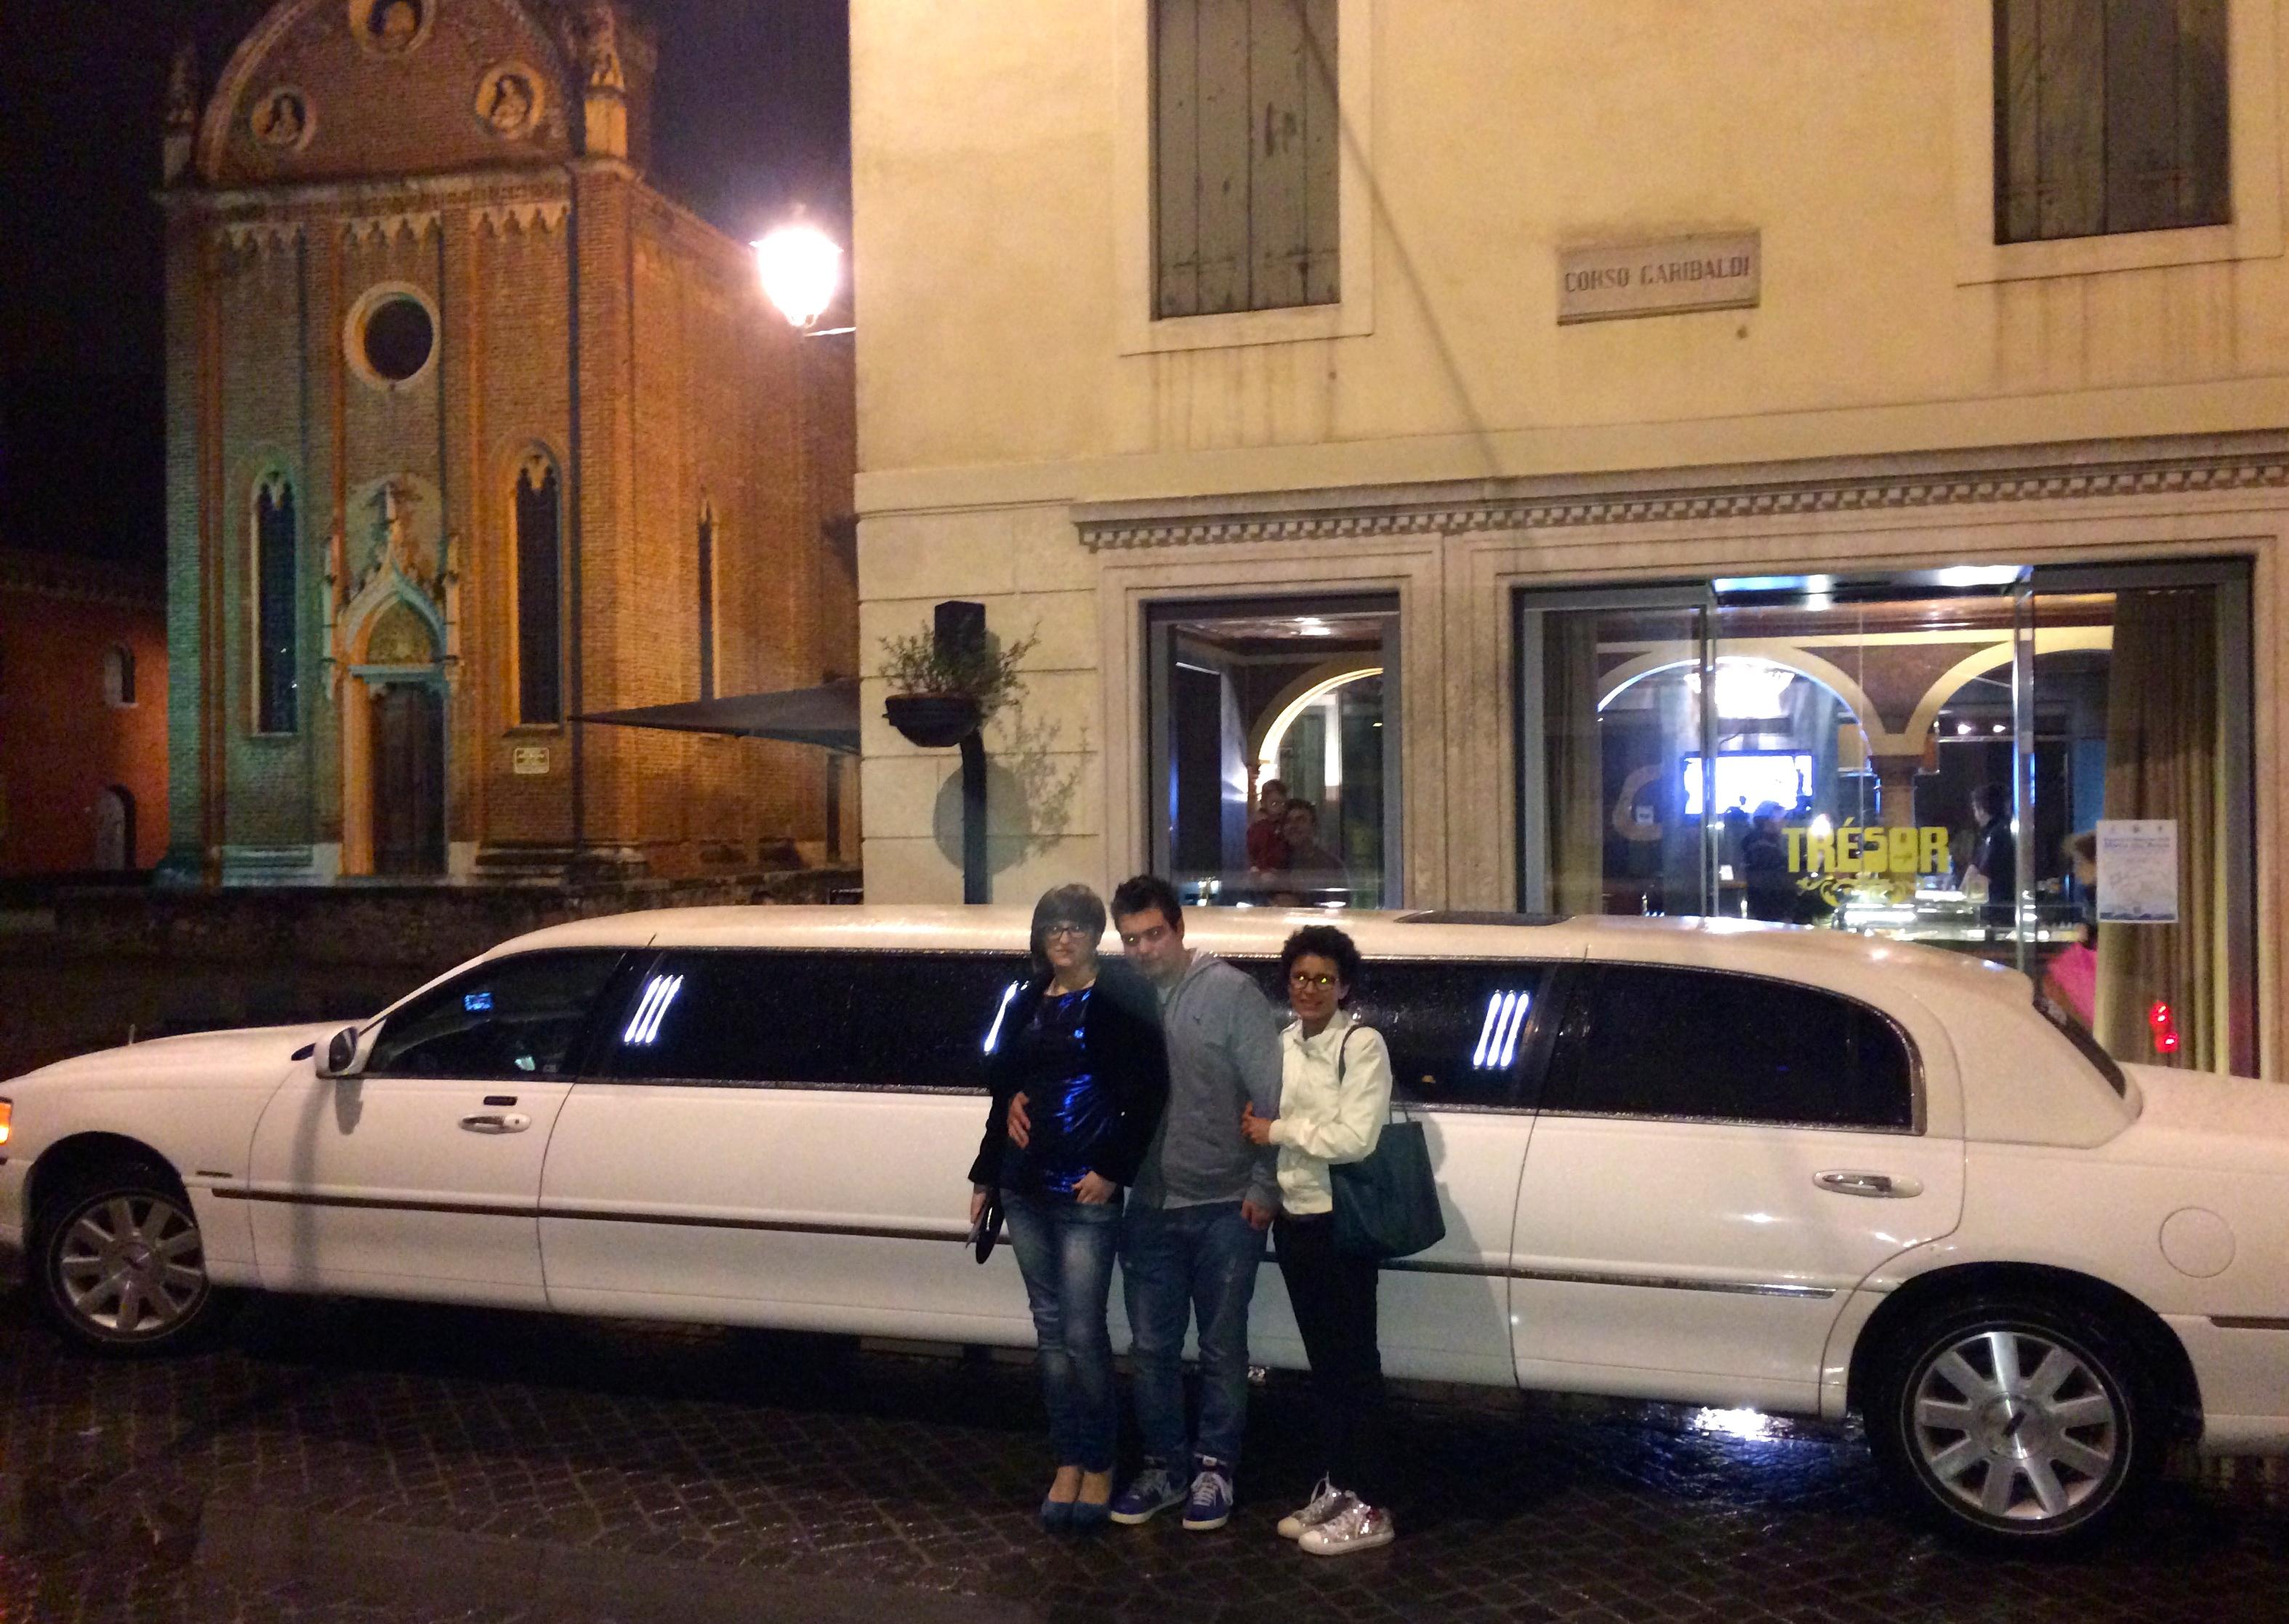 22/03/14 Arsiero (VI) – Velo d'Astico – Thiene – Schio